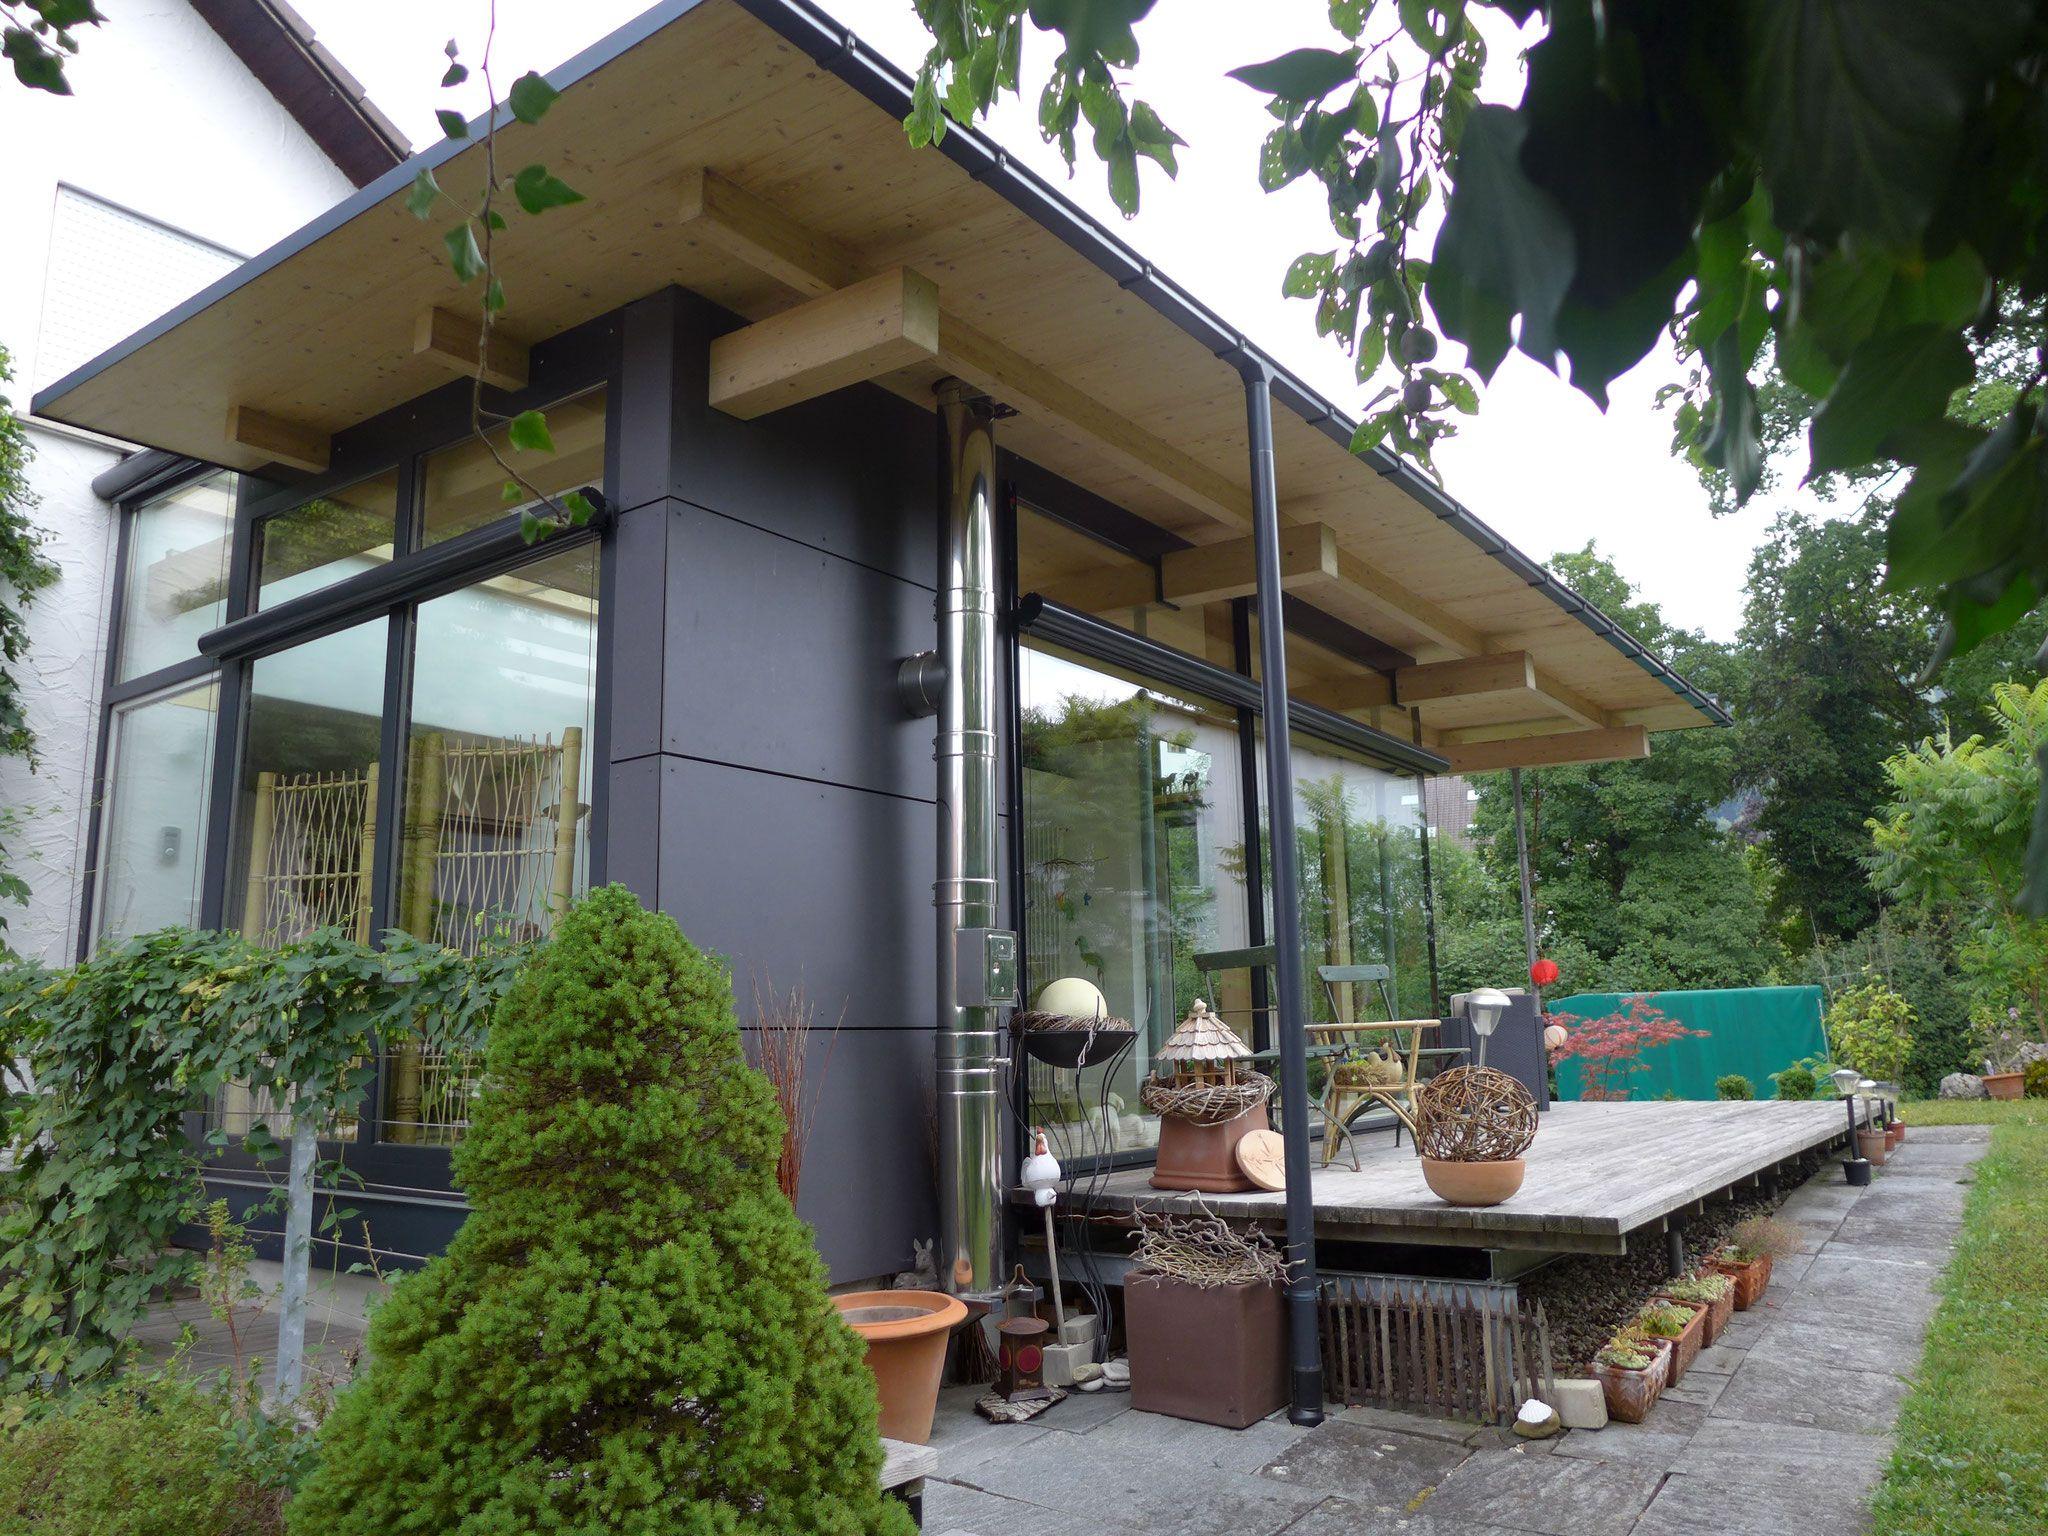 An Und Umbau Frirdich Wintergarten Terrassenverglasung Wohnraumerweiterung Illmensee Bodensee Ravensburg Anbau Haus Umbau Outdoor Dekorationen